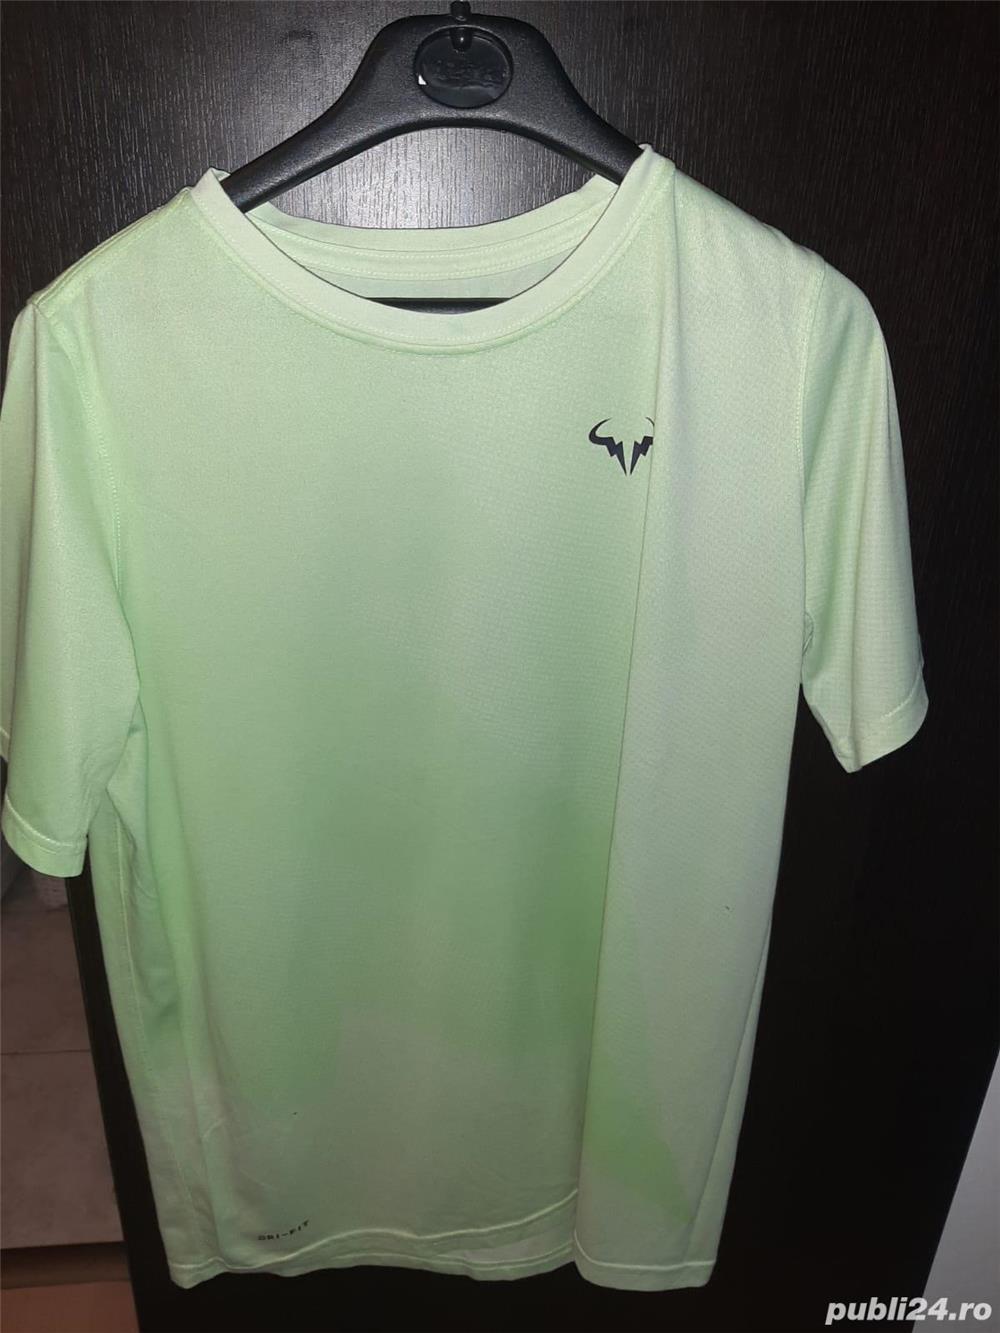 Tricou maneca scurta Nike(Dri-Fit) cu sigla lui Rafael Nadal.